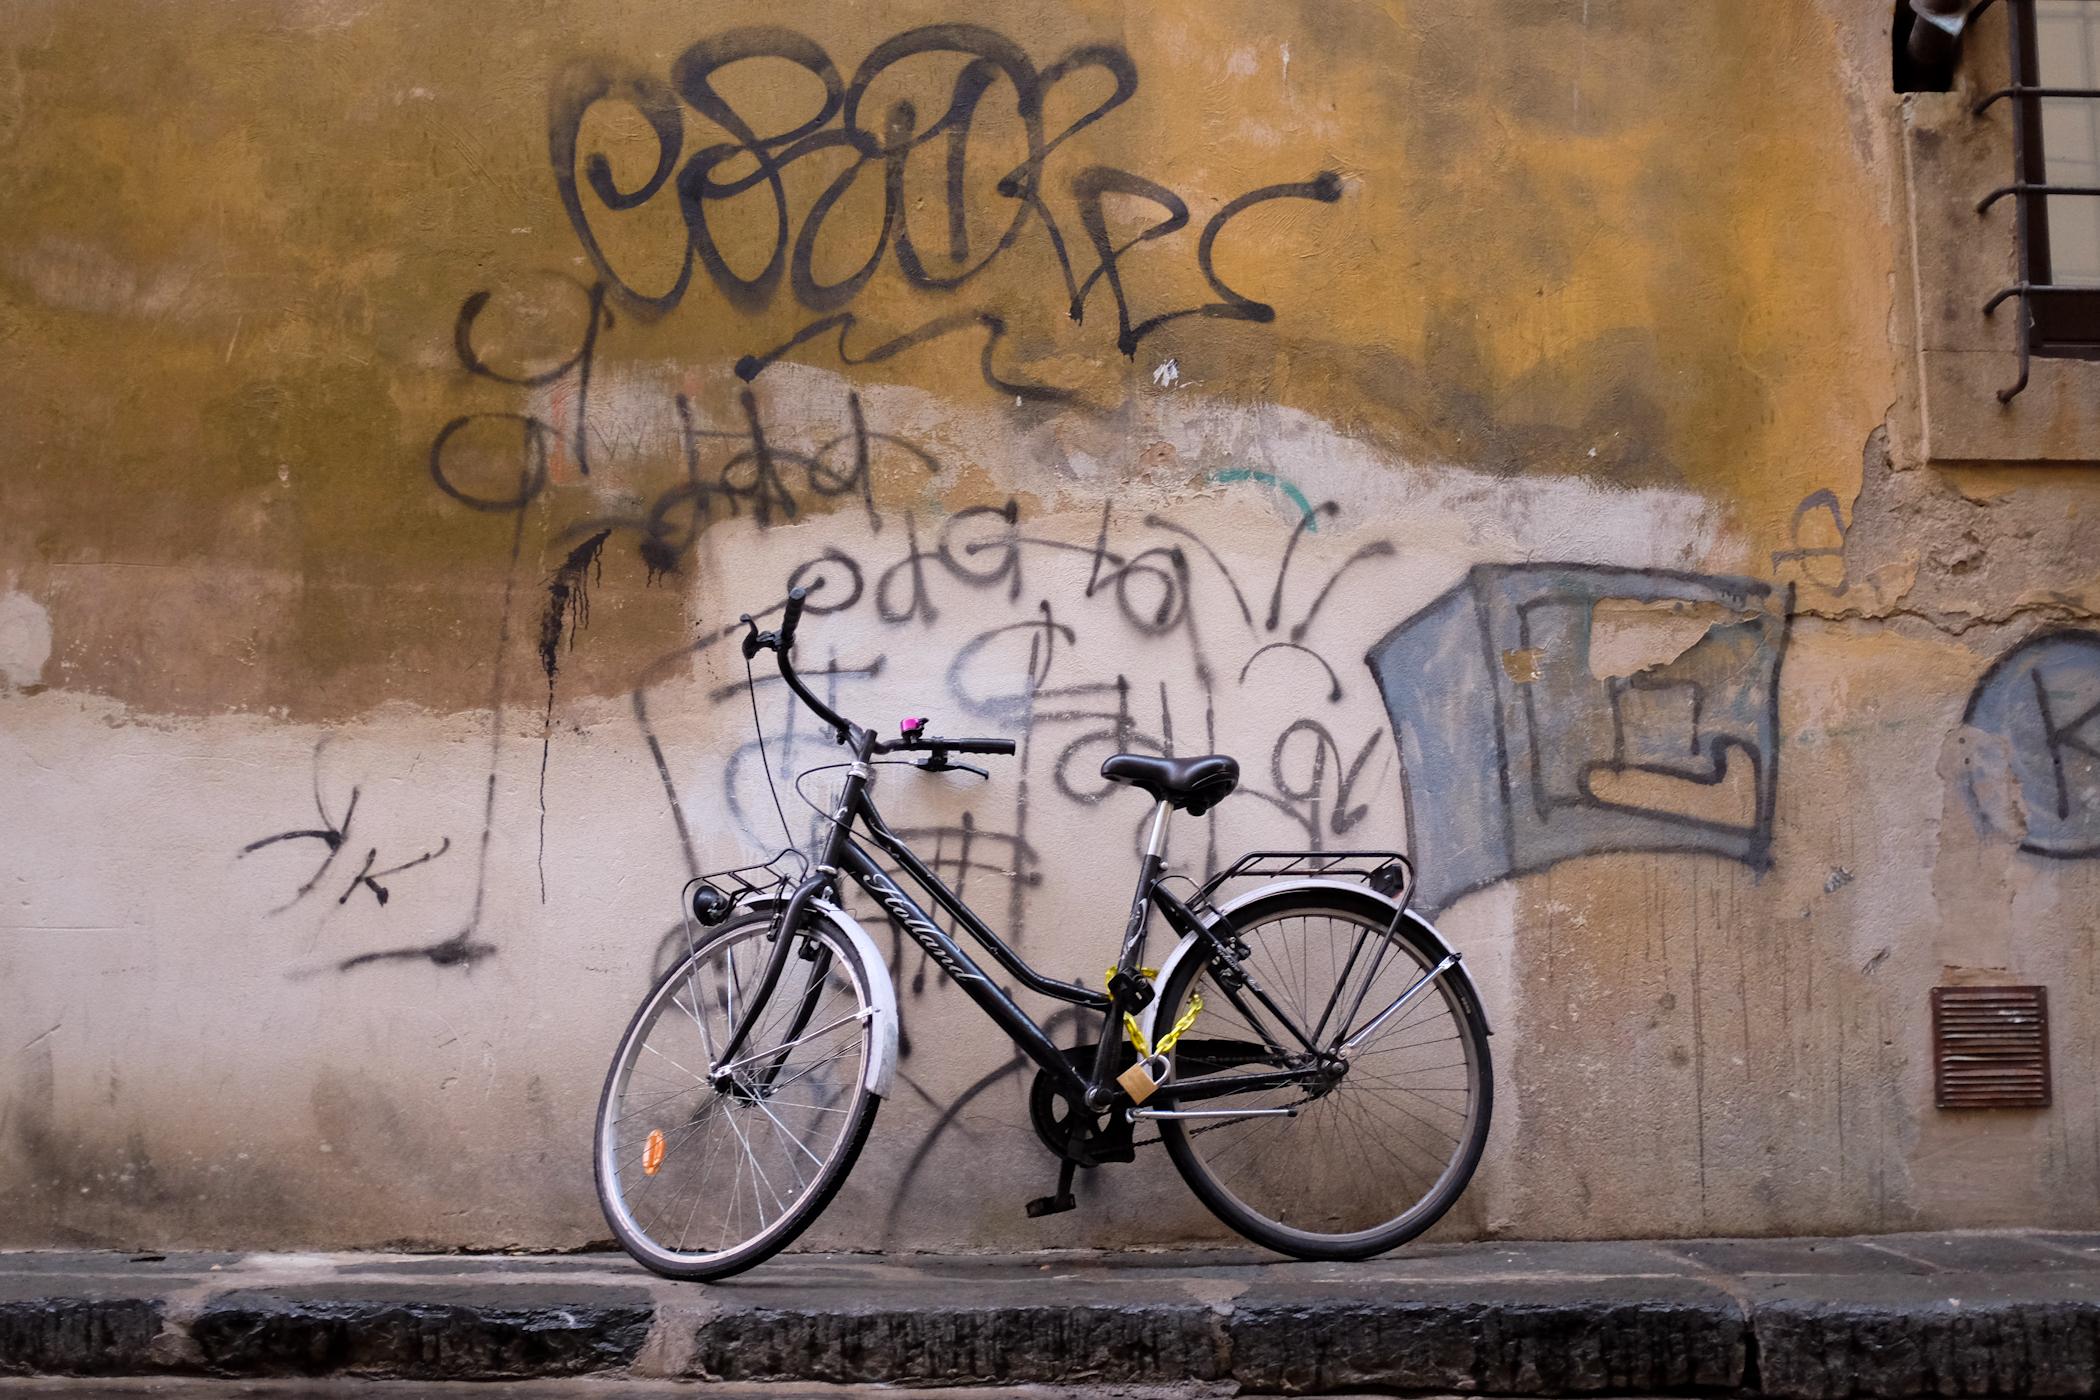 palermo bicicletti di firenze jan15-1.jpg